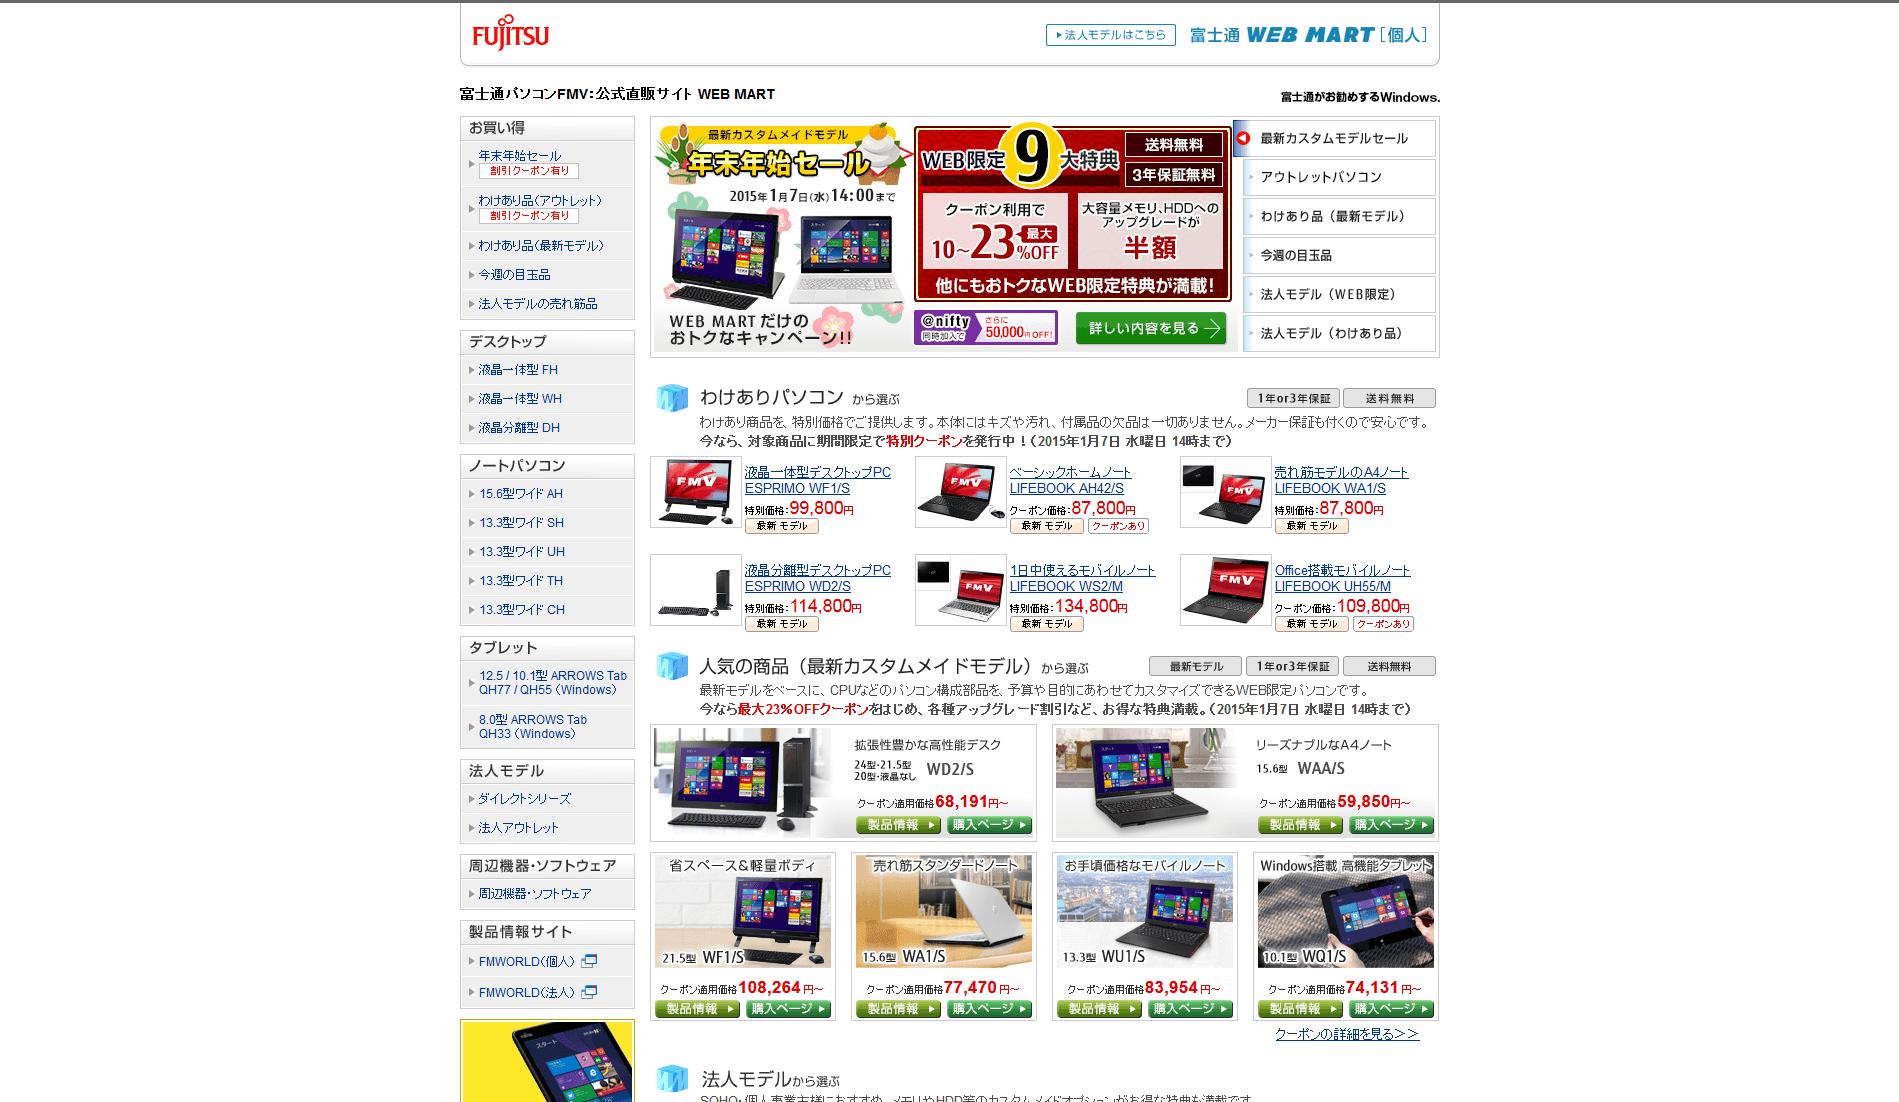 [富士通直販WEB MART] 富士通パソコンFMV キャンペーン情報 - 富士通